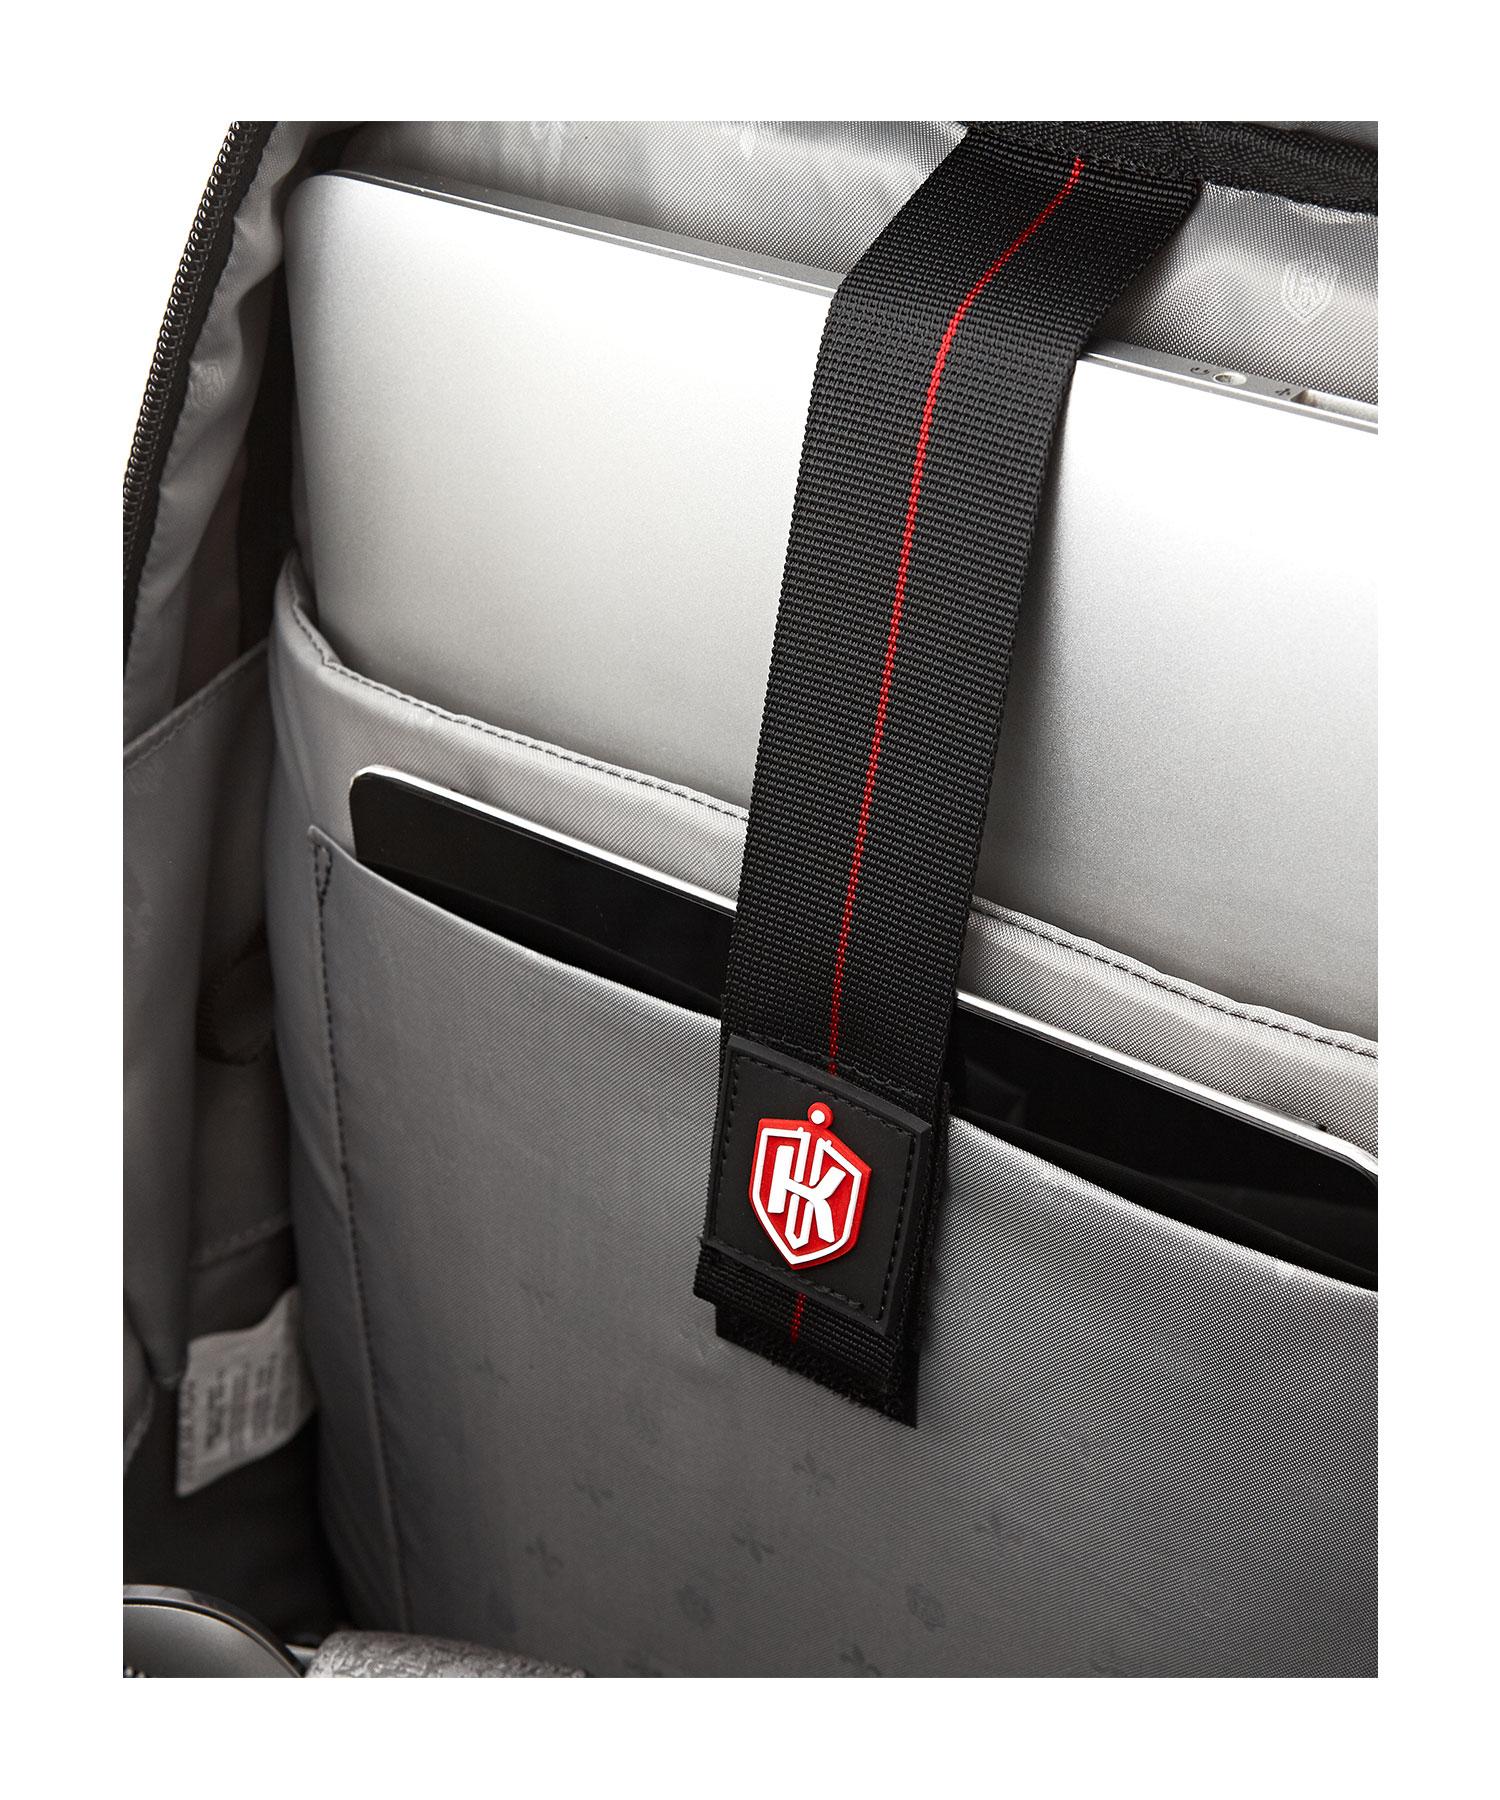 formal backpack laptop holder with strap